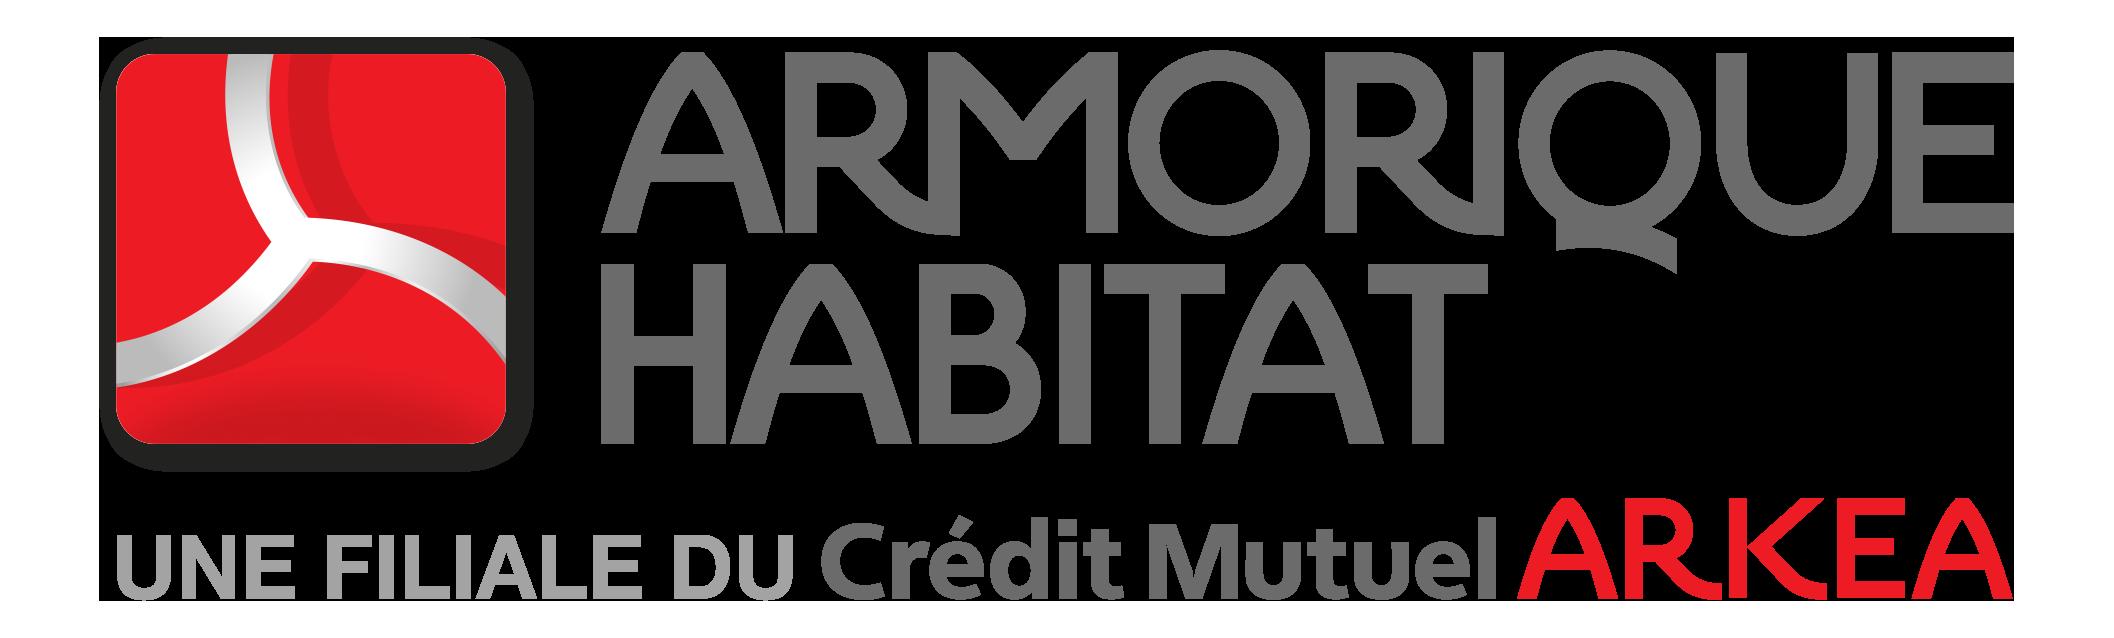 Logo Armorique Habitat 2019